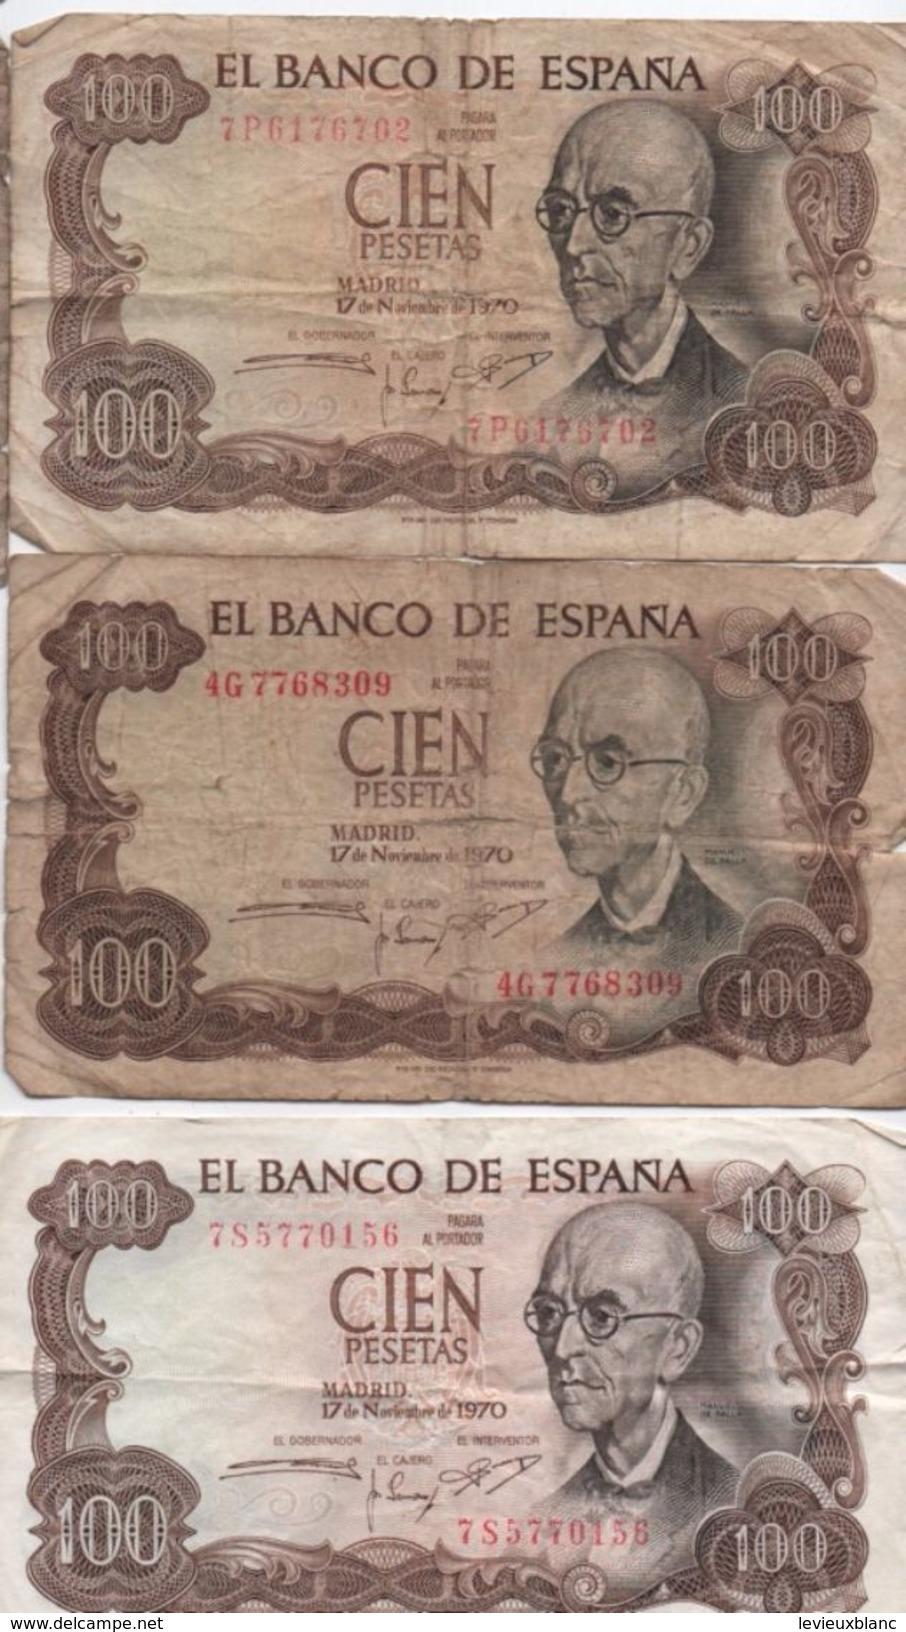 3 Billets / Espagne / El Banco De Espana/ Cien Pesetas /1970     BILL162 - [ 3] 1936-1975 : Régence De Franco